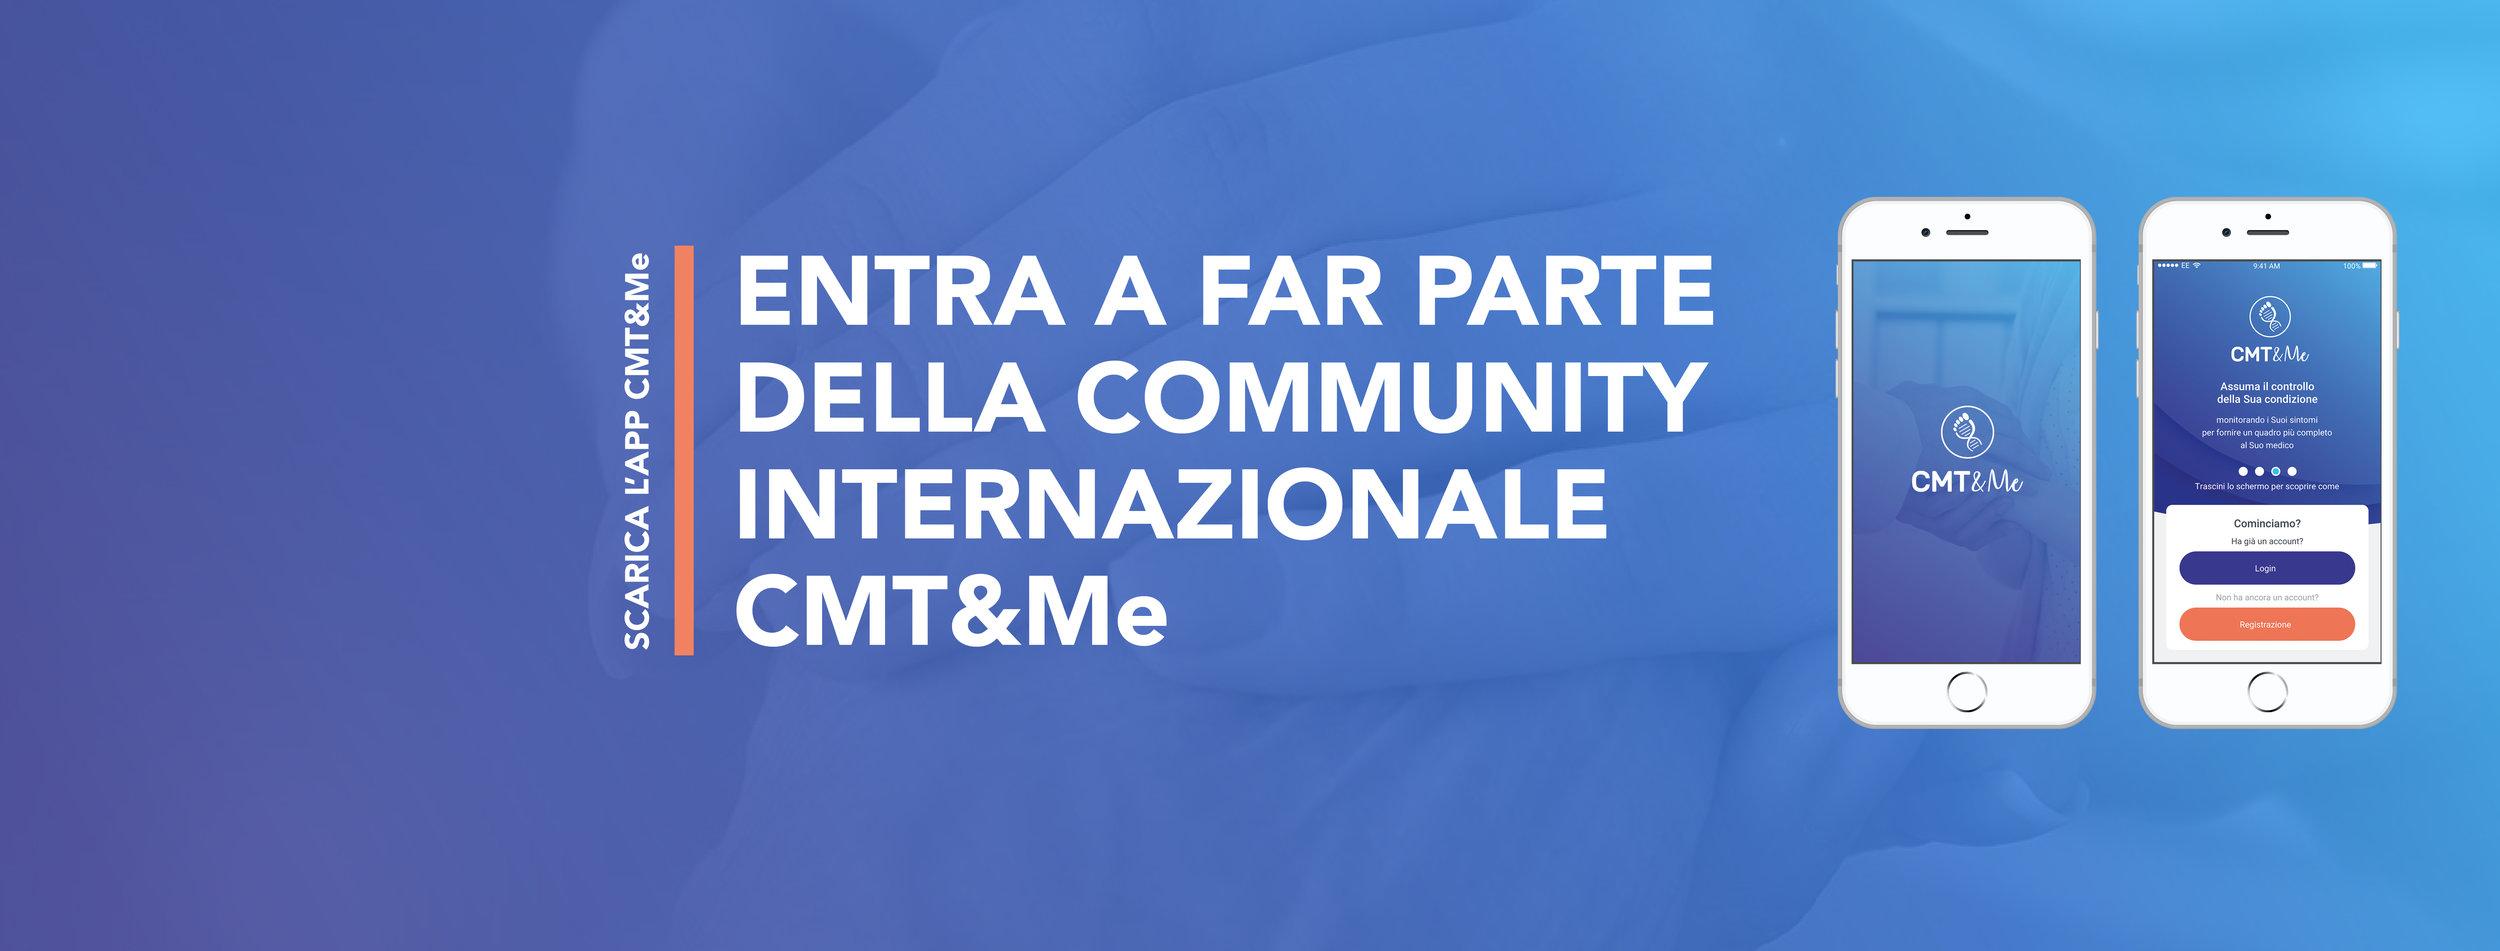 CMT&Me social headers HIRES IT2.jpg